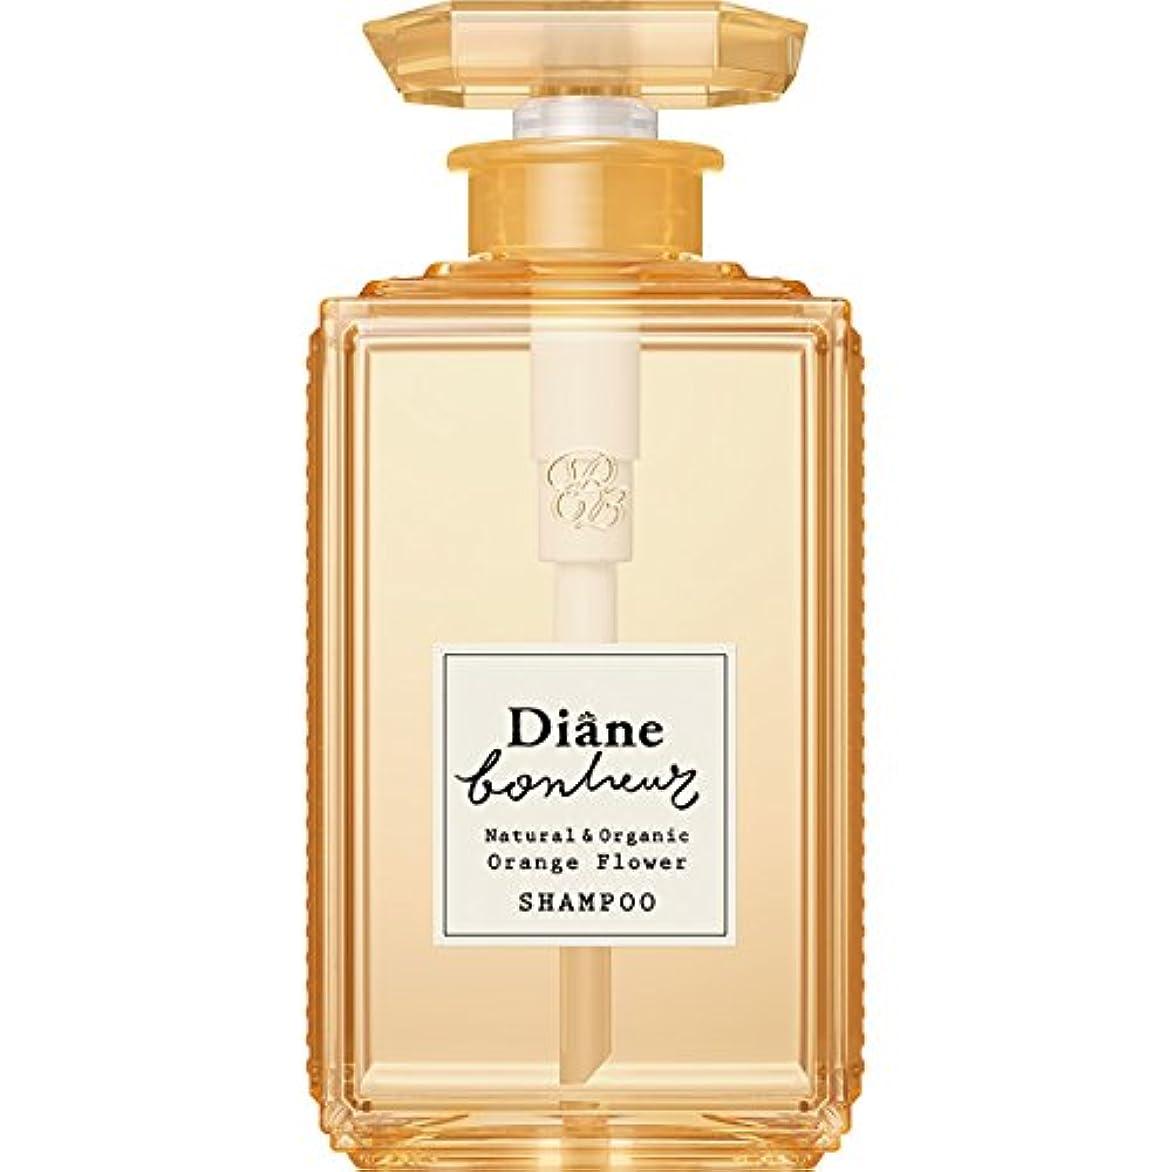 ダイアン ボヌール オレンジフラワーの香り モイストリラックス シャンプー 500ml